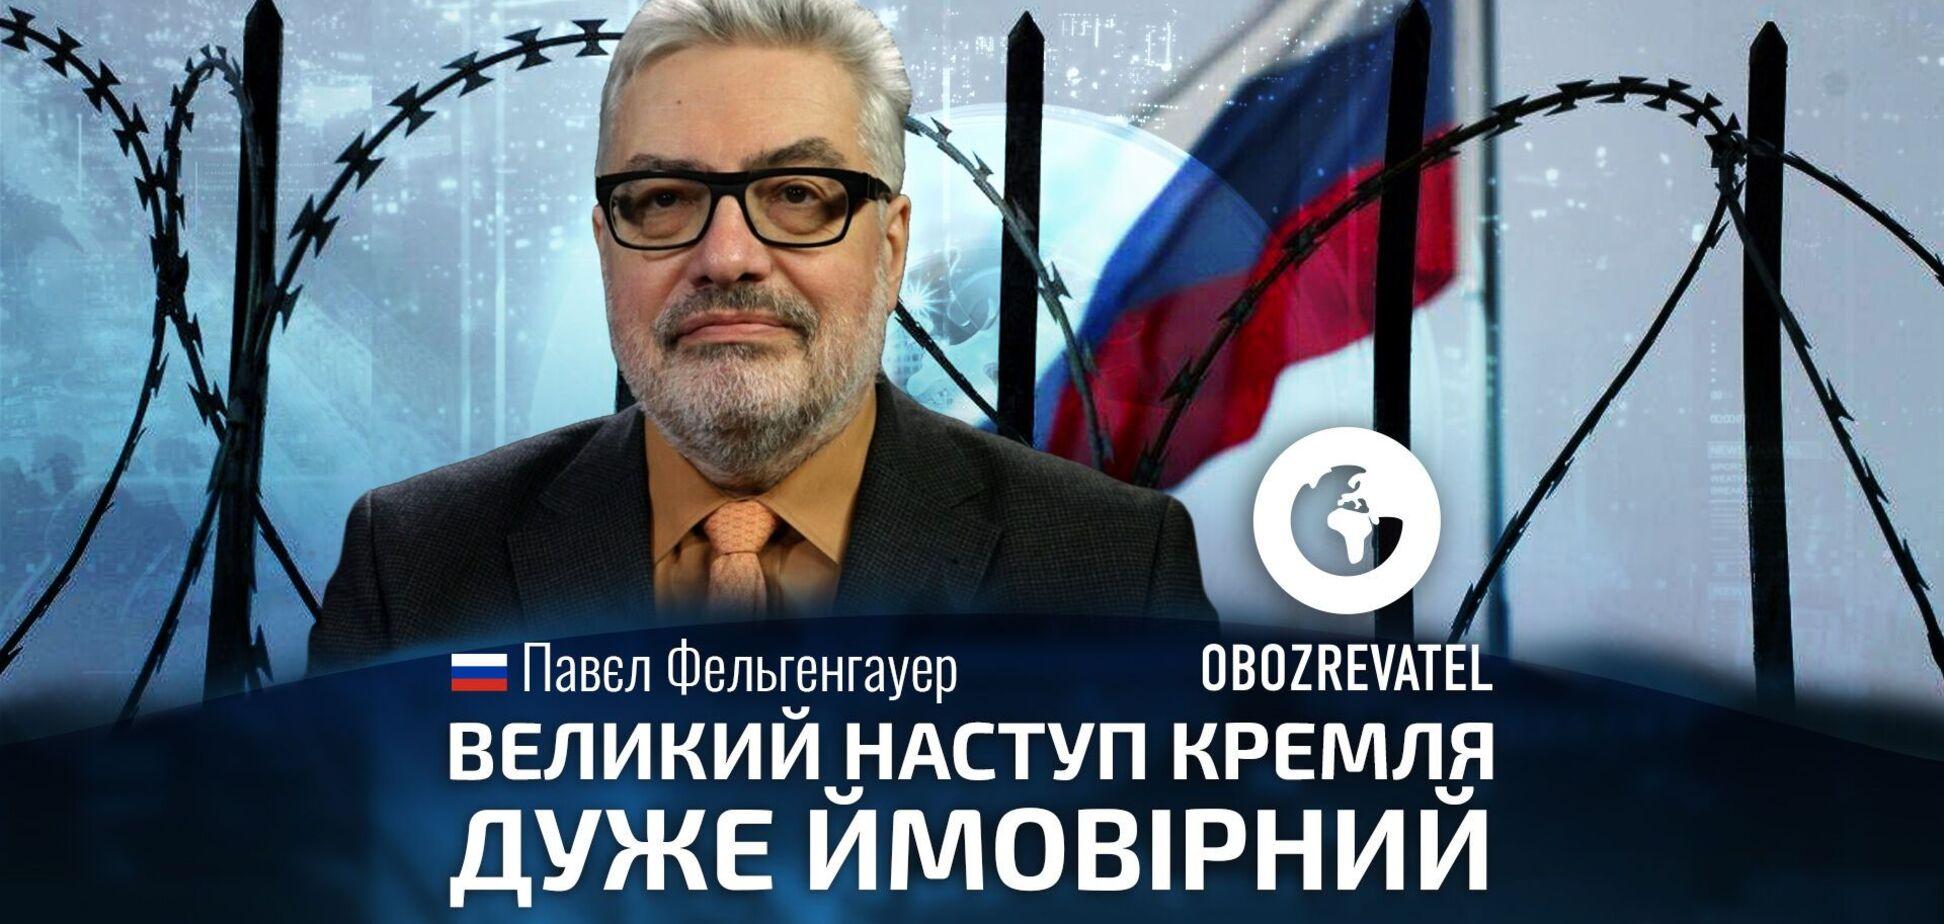 Фельгенгауер: Кремль готує велике загострення